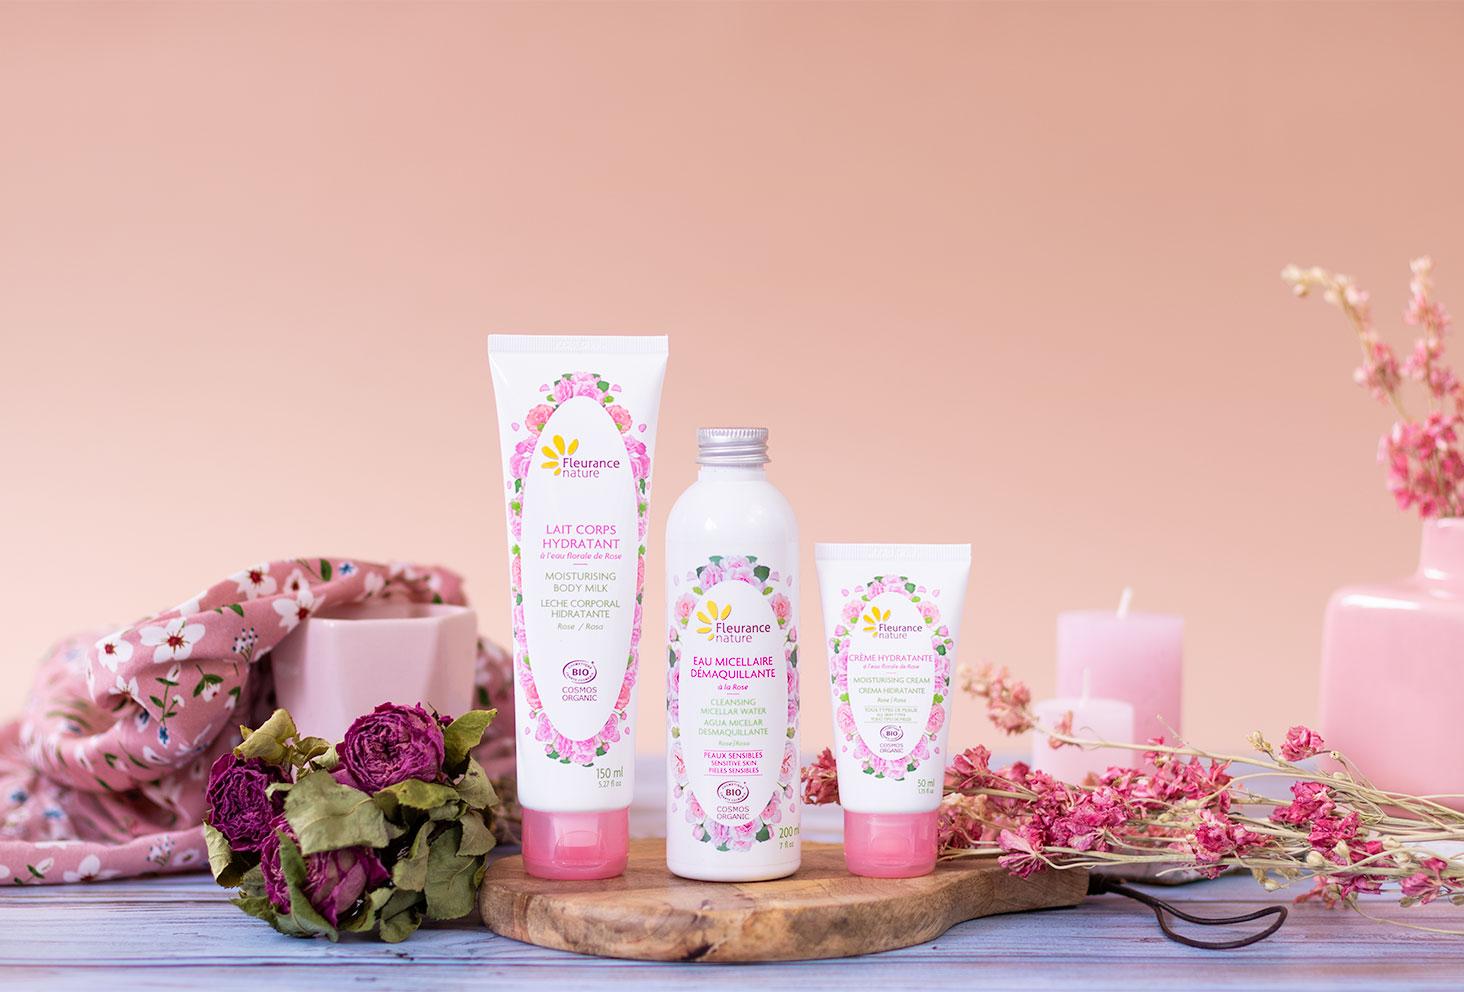 Les produits à la rose de Fleurance Nature debout sur une planche à découper, devant des fleurs roses séchées et des bougies